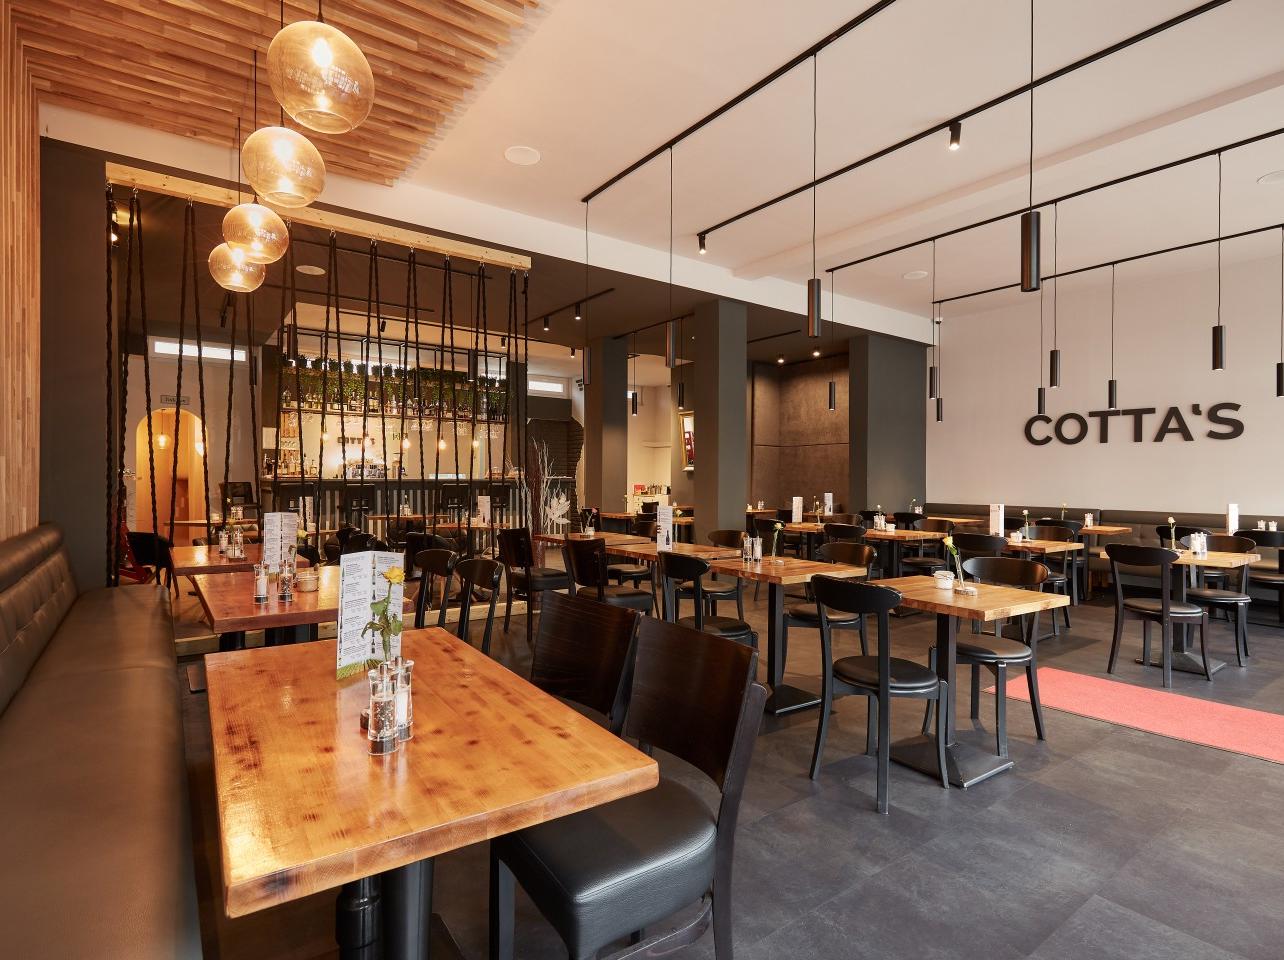 Cotta´s Restaurant & Cafe